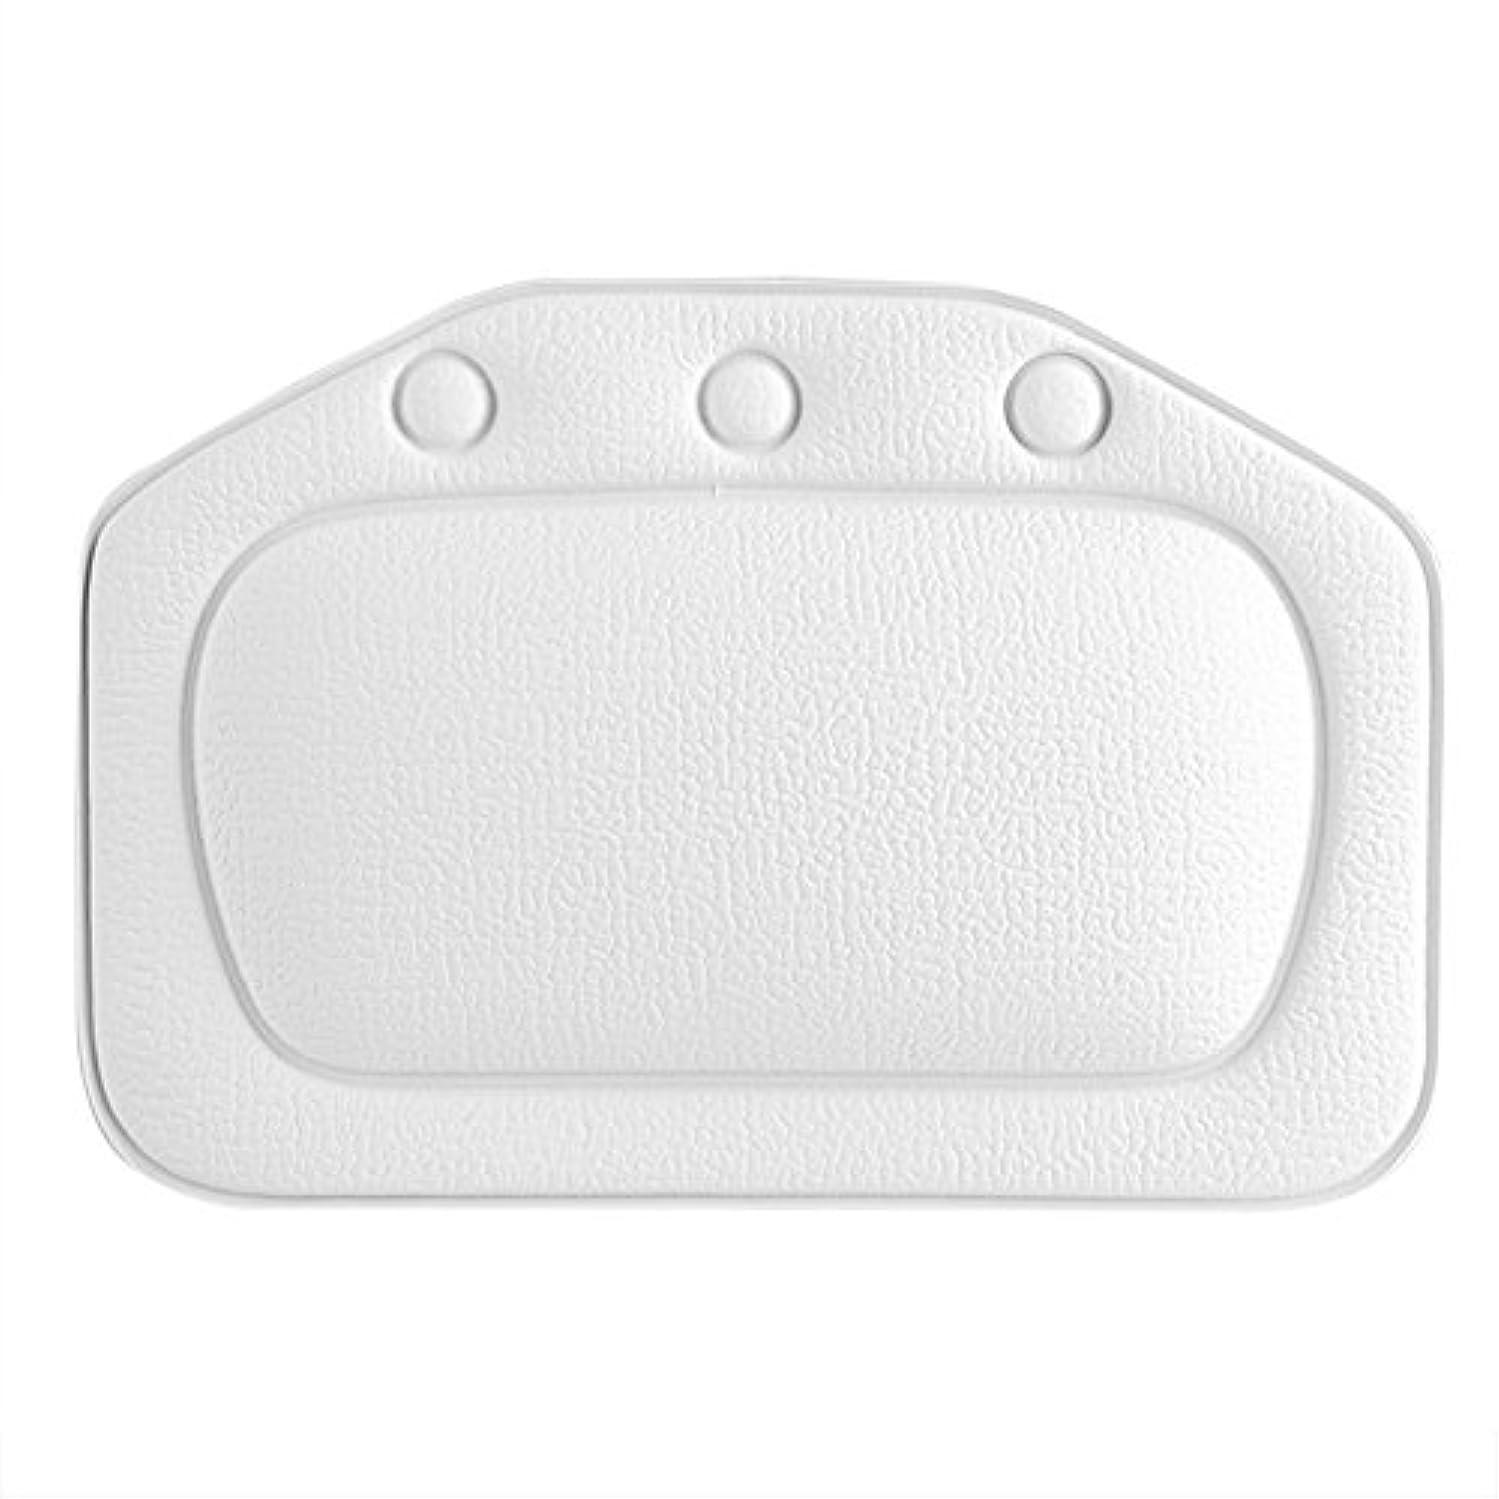 一般的に言えば分布前にスパバスピロー、ソフトフォームパッド付き人間工学に基づいたバスタブクッションピロー浴槽ヘッドレストヘッドネックバッククッションピロー(白)